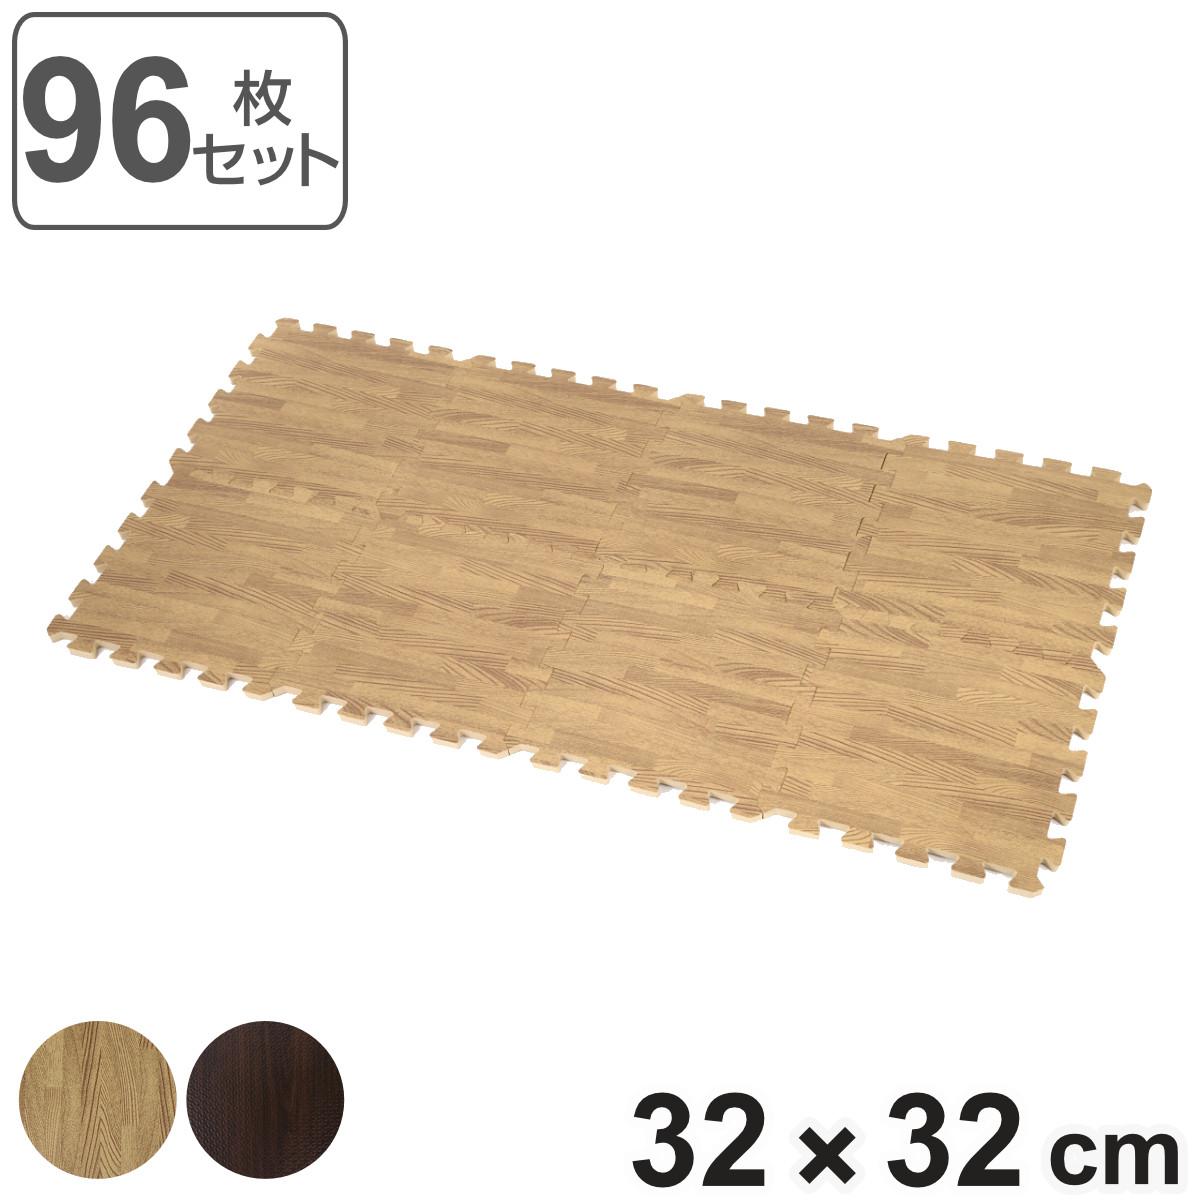 木目調ジョイントマット 96枚セット 厚さ1.4cm 6畳分 ( 送料無料 ジョイントマット 木目 マット ジョイント パズルマット 30cm 厚手 北欧 フロアマット フローリング クッションマット 6畳 )